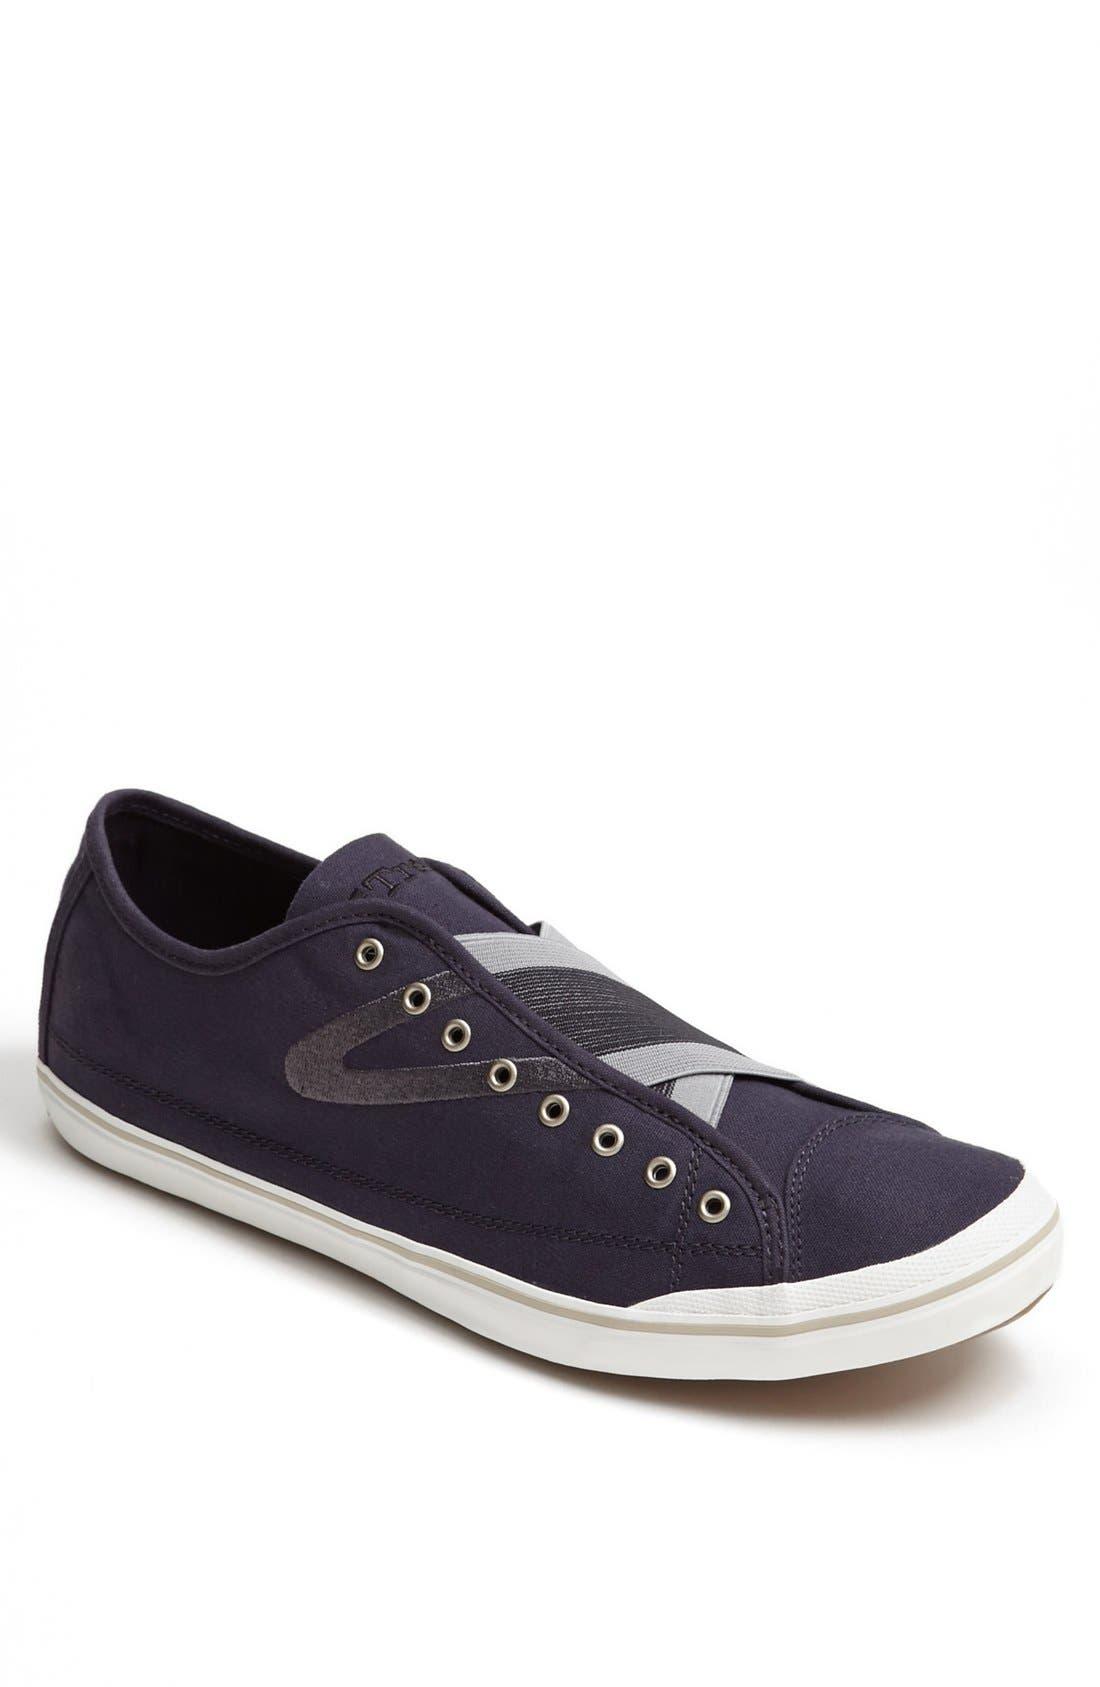 Main Image - Tretorn 'Skymra' Sneaker (Men)